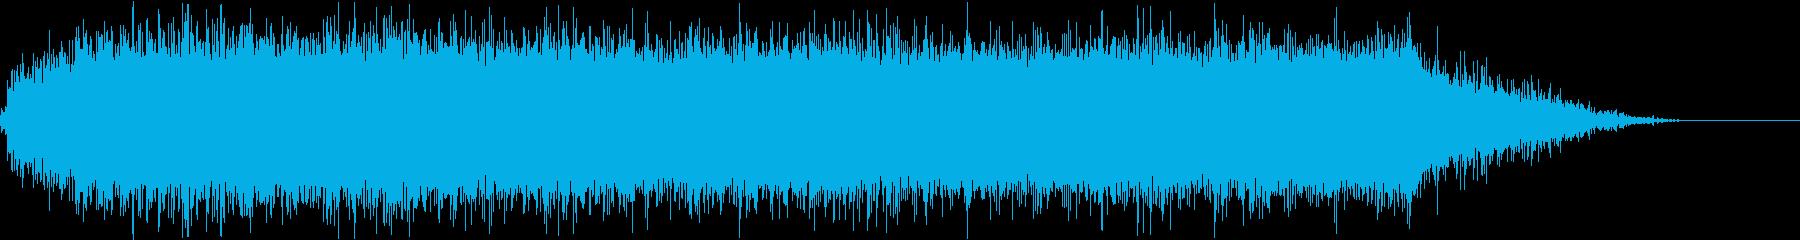 ヒュイーン!電動ドリルの動作音の再生済みの波形